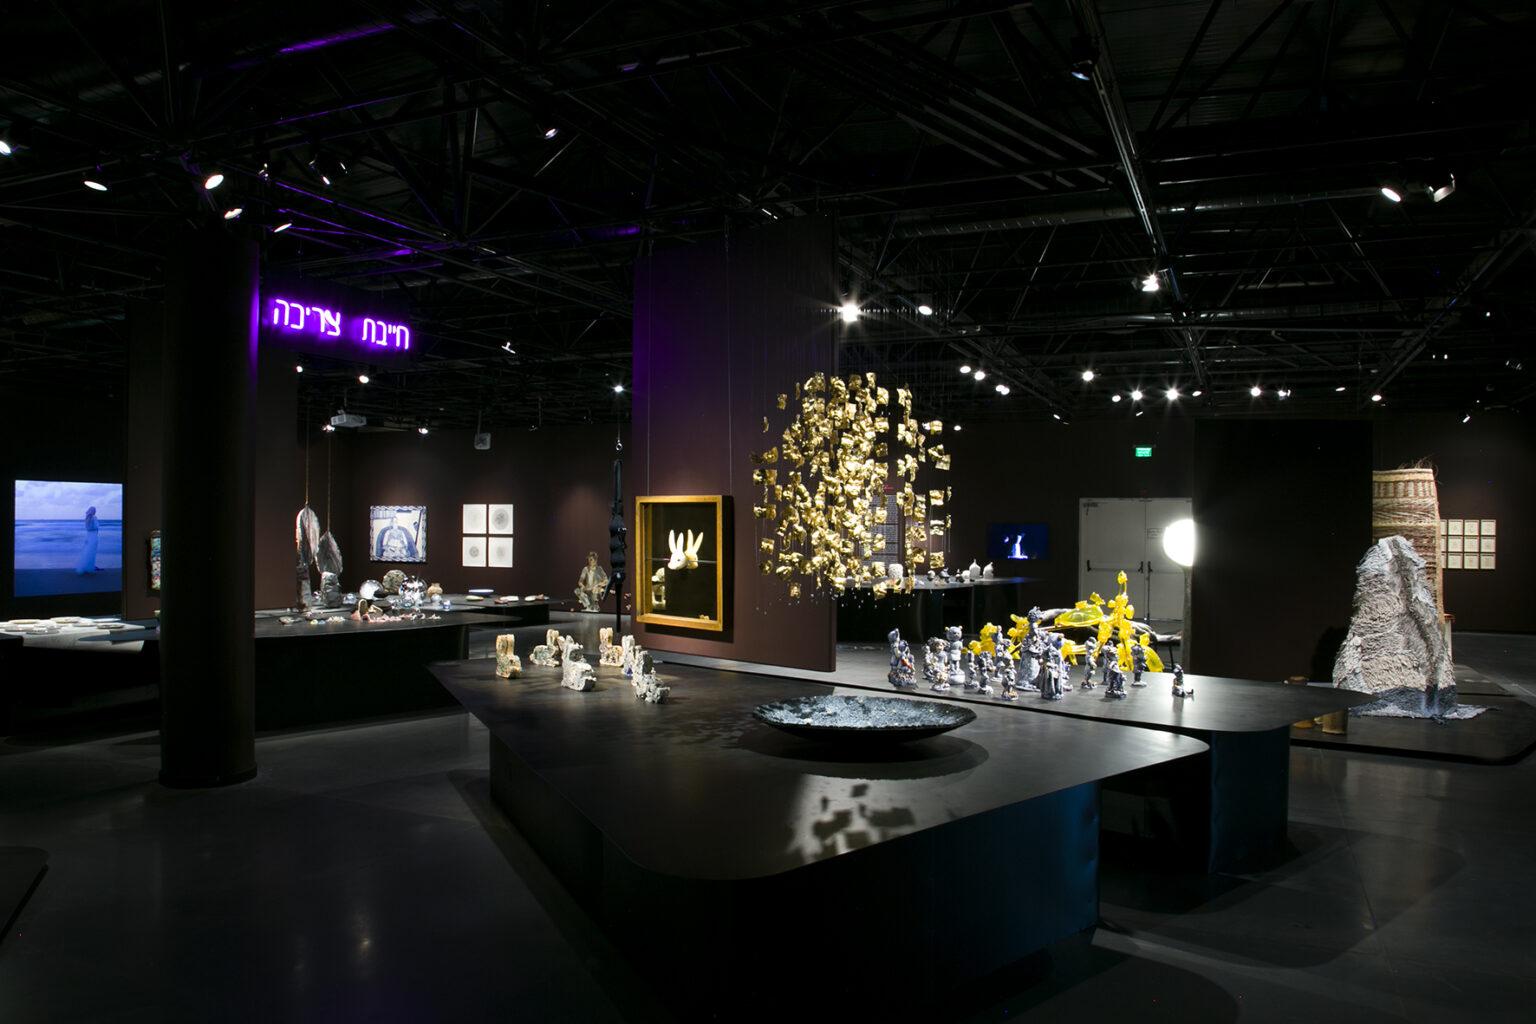 """מבט מהתערוכה המרכזית במרכז רוטשילד צילום: הדר סייפן הביאנלה לאומנויות ולעיצוב מוז""""א, מוזיאון ארץ-ישראל, תל-אביב"""